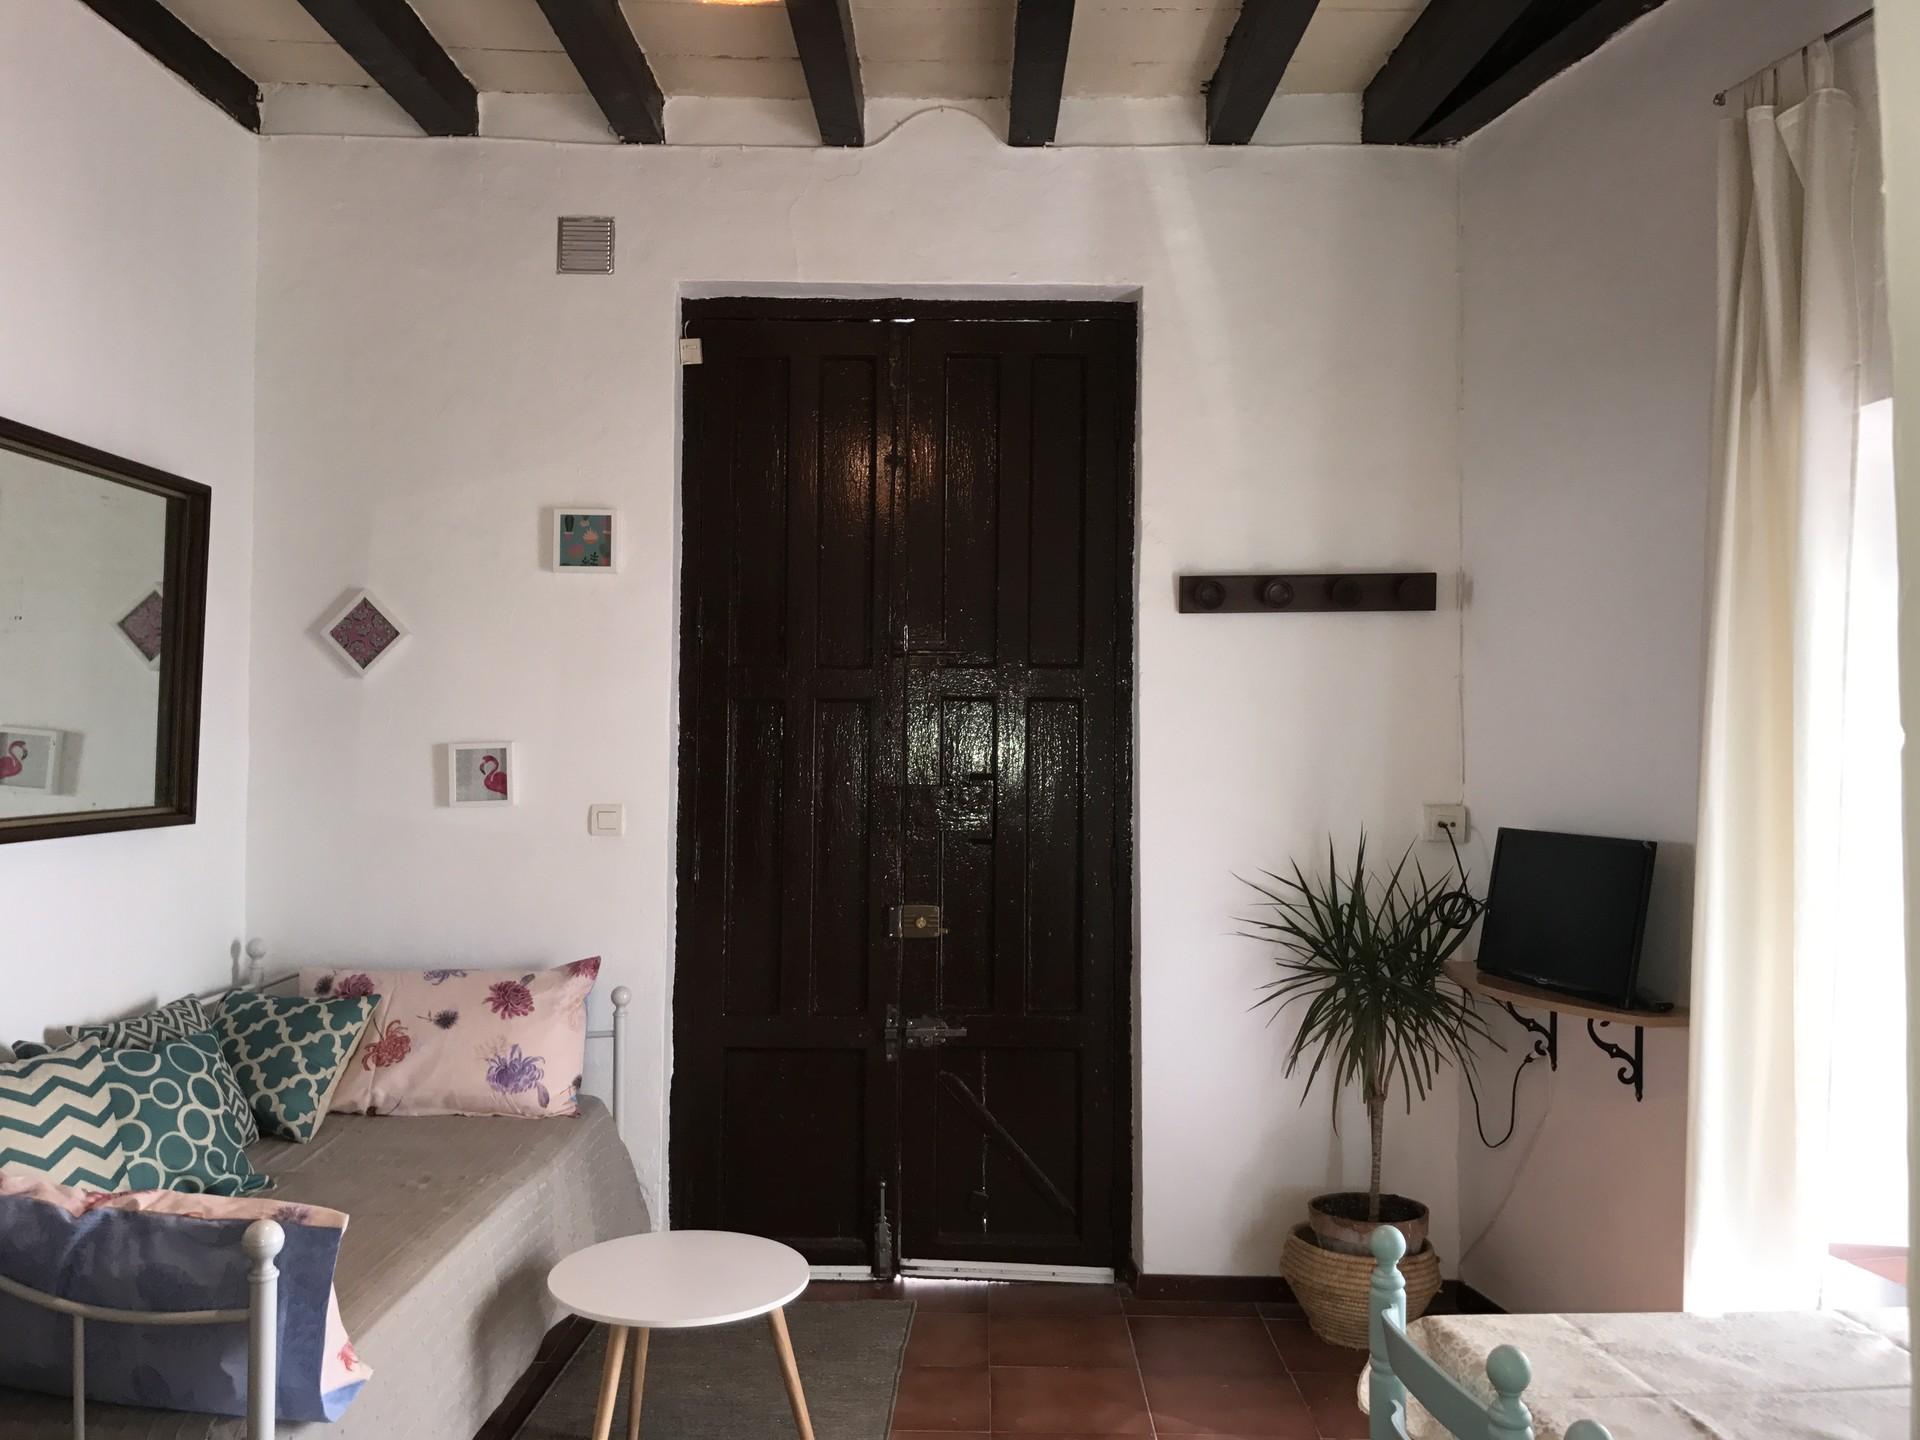 Calle Quijada, 11, 18010 Granada, Spain